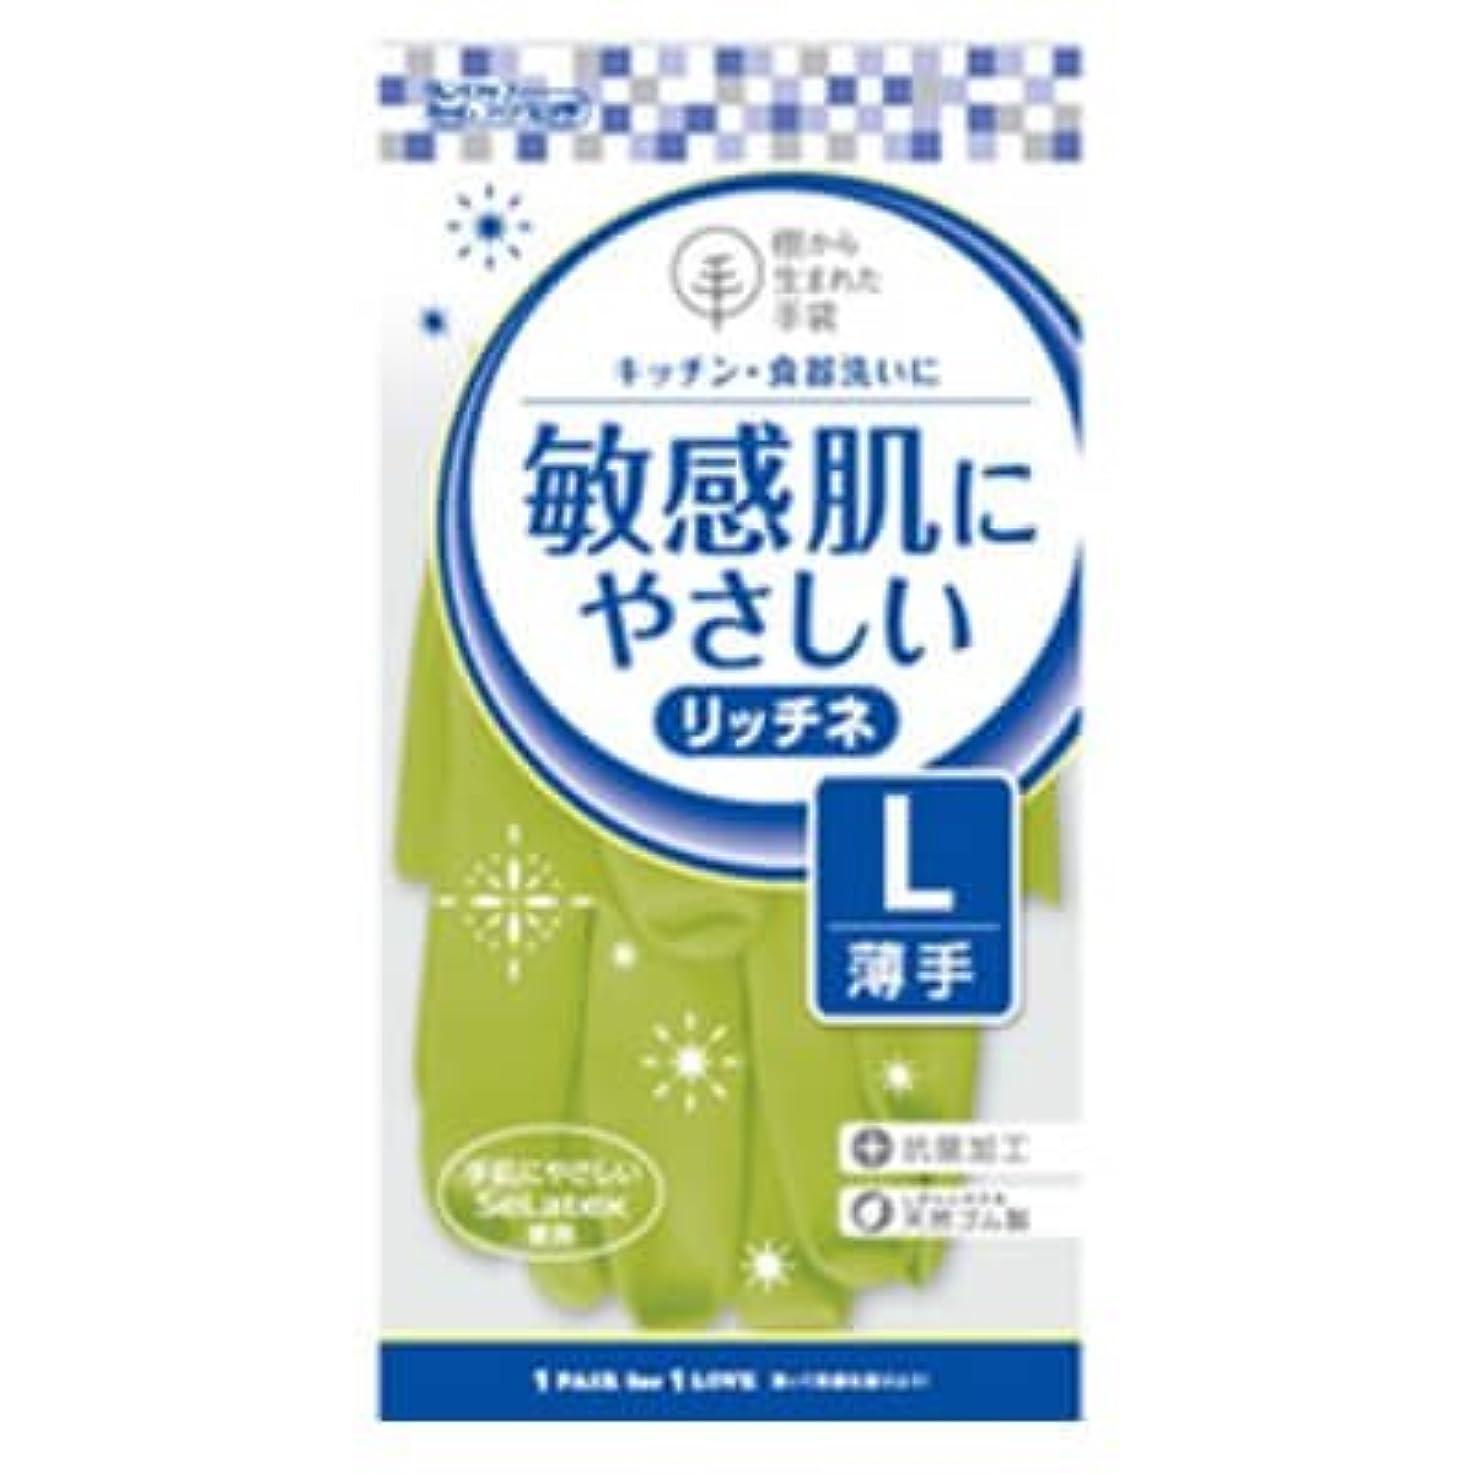 イブニングコンベンションアレルギー【ケース販売】 ダンロップ 敏感肌にやさしい リッチネ 薄手 L グリーン (10双×24袋)